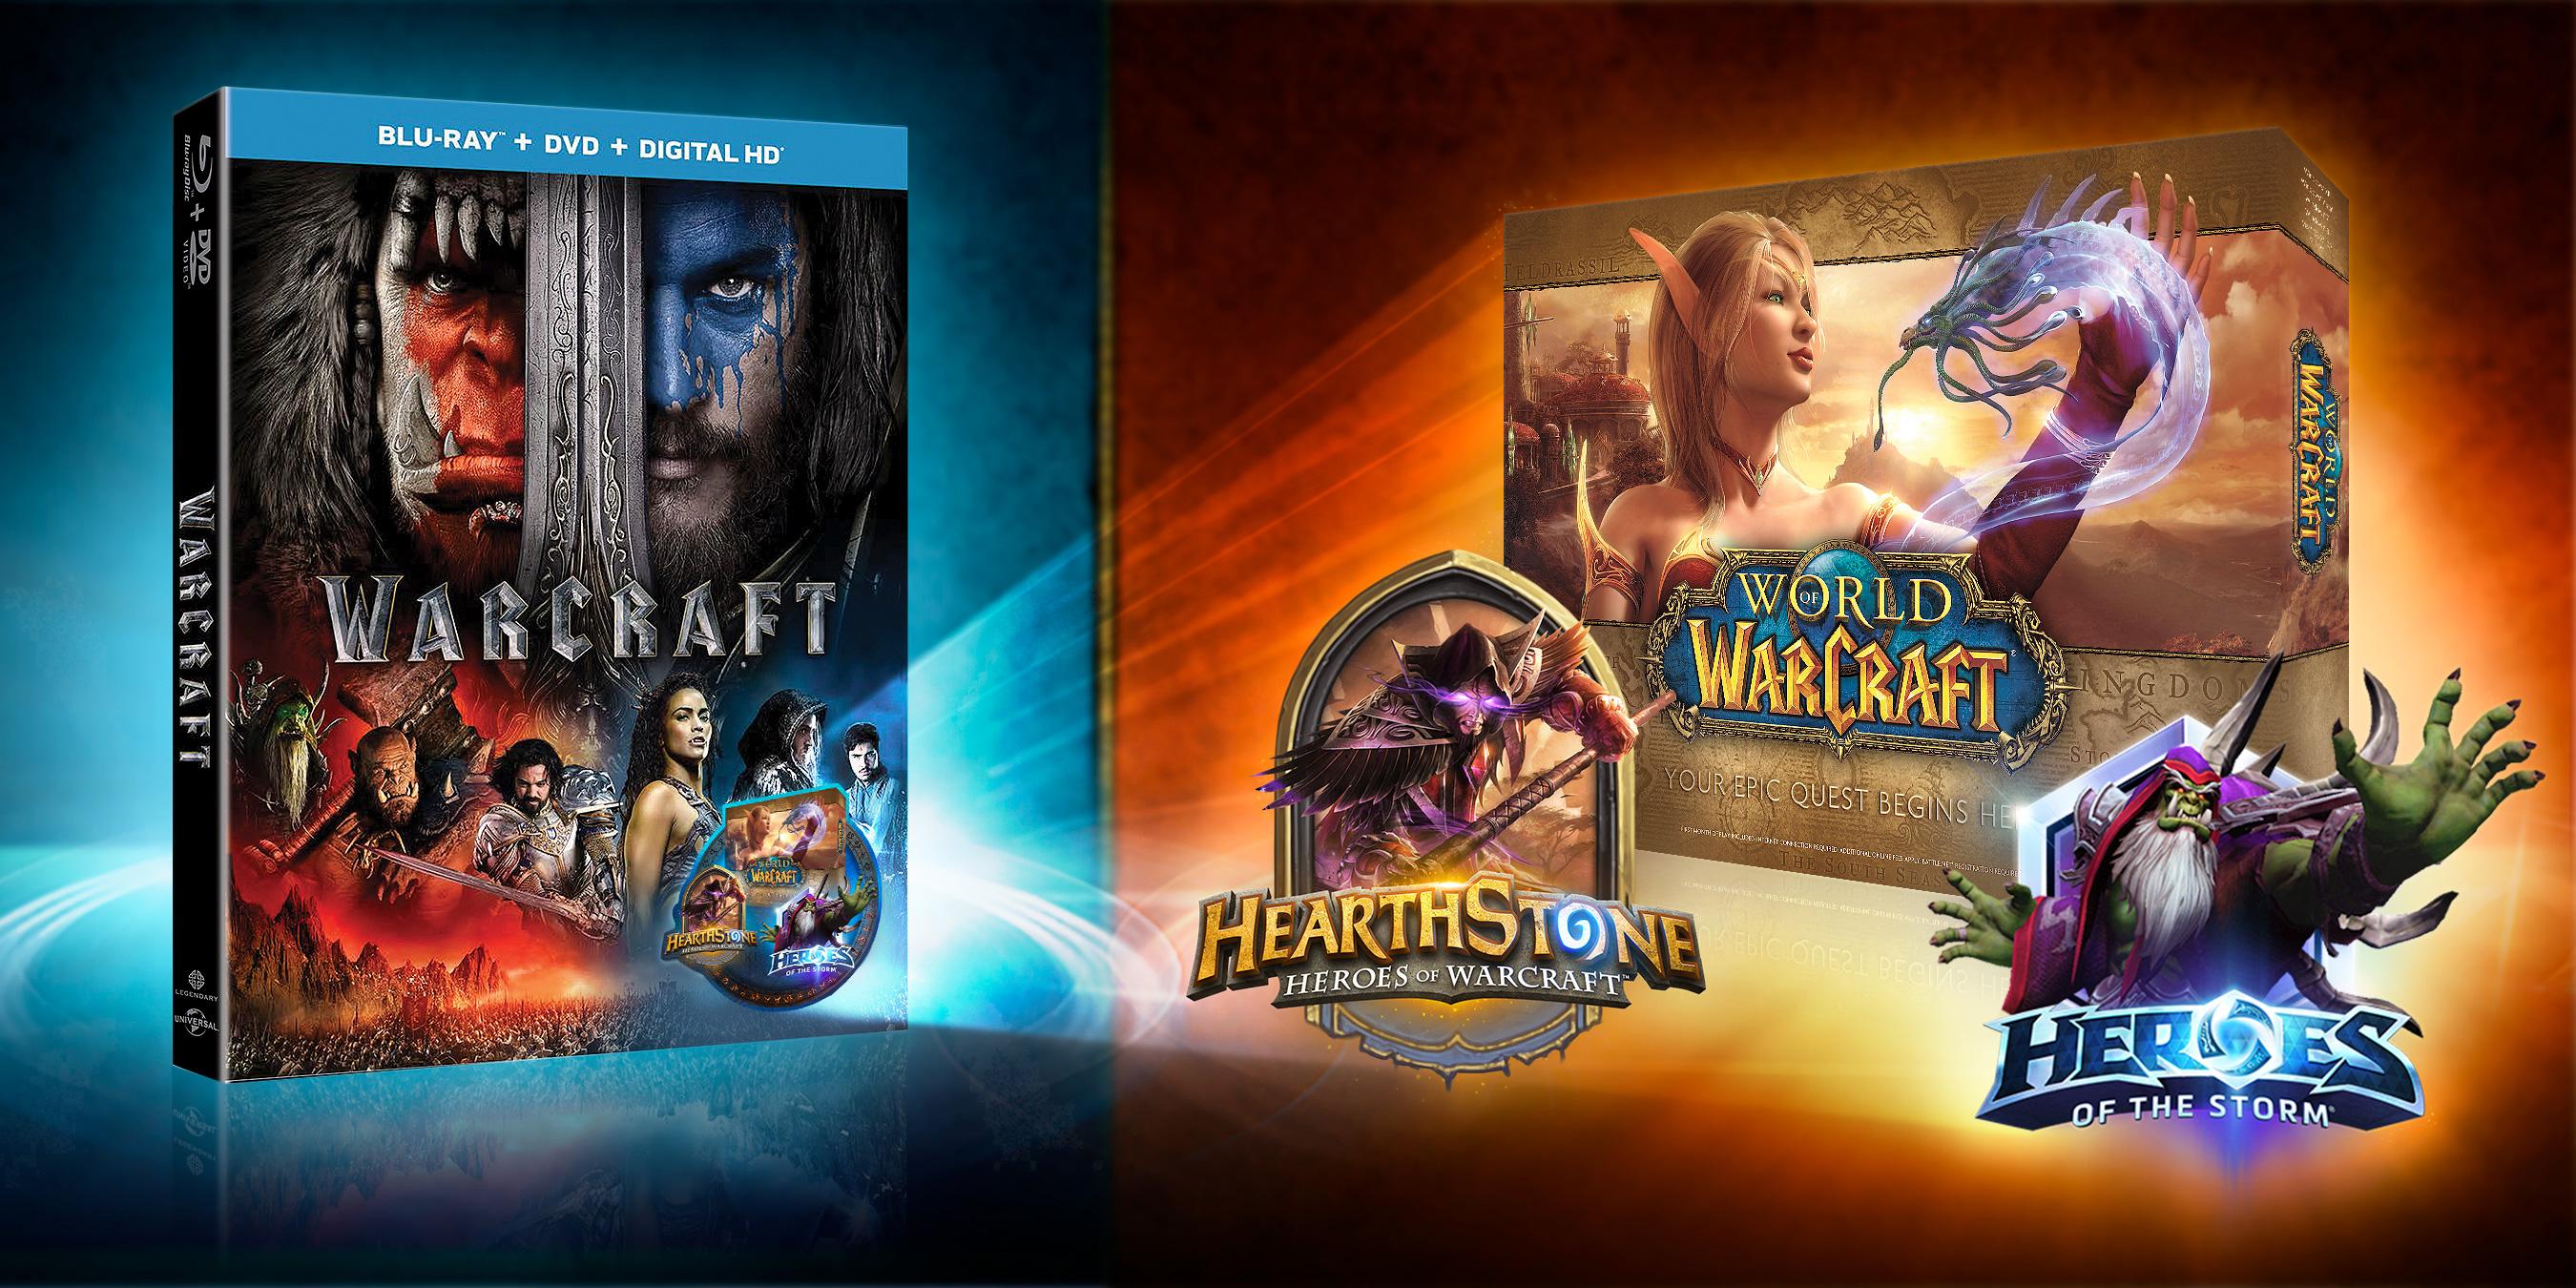 Promotion pour la sortie du film Warcraft en DVD et Blu-ray.